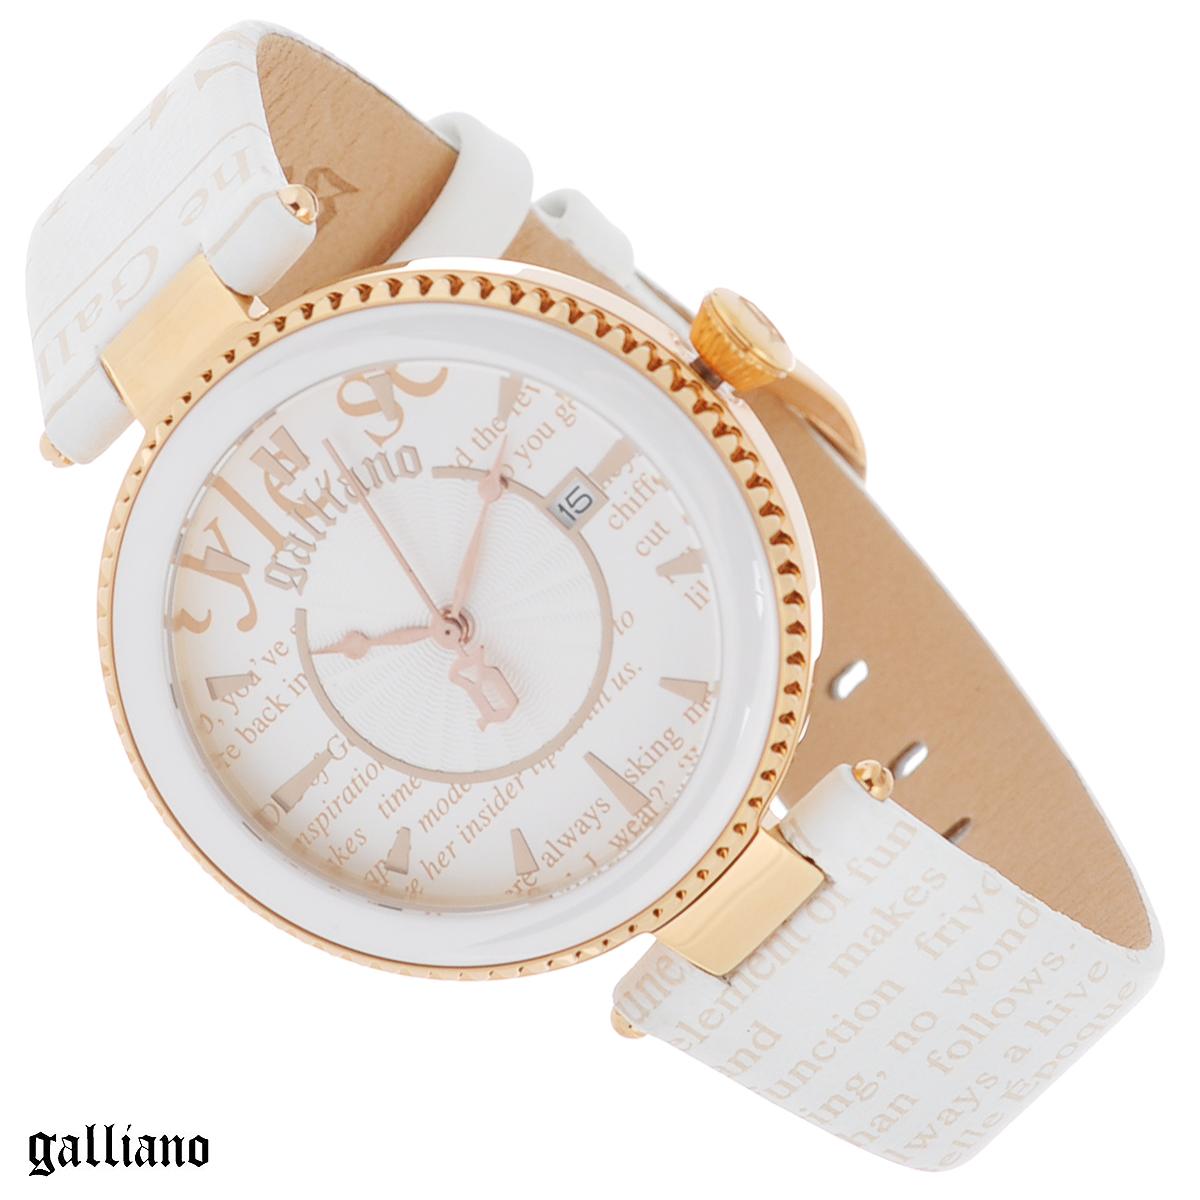 """Часы женские наручные Galliano, цвет: белый, золотой. R2551112503R2551112503Наручные женские часы Galliano оснащены кварцевым механизмом. Корпус выполнен из высококачественной нержавеющей стали с PVD-покрытием и керамическим безелем. Циферблат с отметками декорирован """"газетным"""" принтом и защищен минеральным стеклом. Дополнительно циферблат оснащен индикатором даты. Часы имеют три стрелки - часовую, минутную и секундную. Ремешок часов выполнен из натуральной кожи с """"газетным"""" принтом и оснащен классической застежкой. Часы укомплектованы паспортом с подробной инструкцией. Часы Galliano благодаря своему великолепному дизайну и качеству исполнения станут главным акцентом вашего образа. Характеристики: Диаметр циферблата: 3 см. Размер корпуса: 3,8 см х 3,8 см х 0,8 см. Длина ремешка (с корпусом): 21,5 см. Ширина ремешка: 1,7 см."""